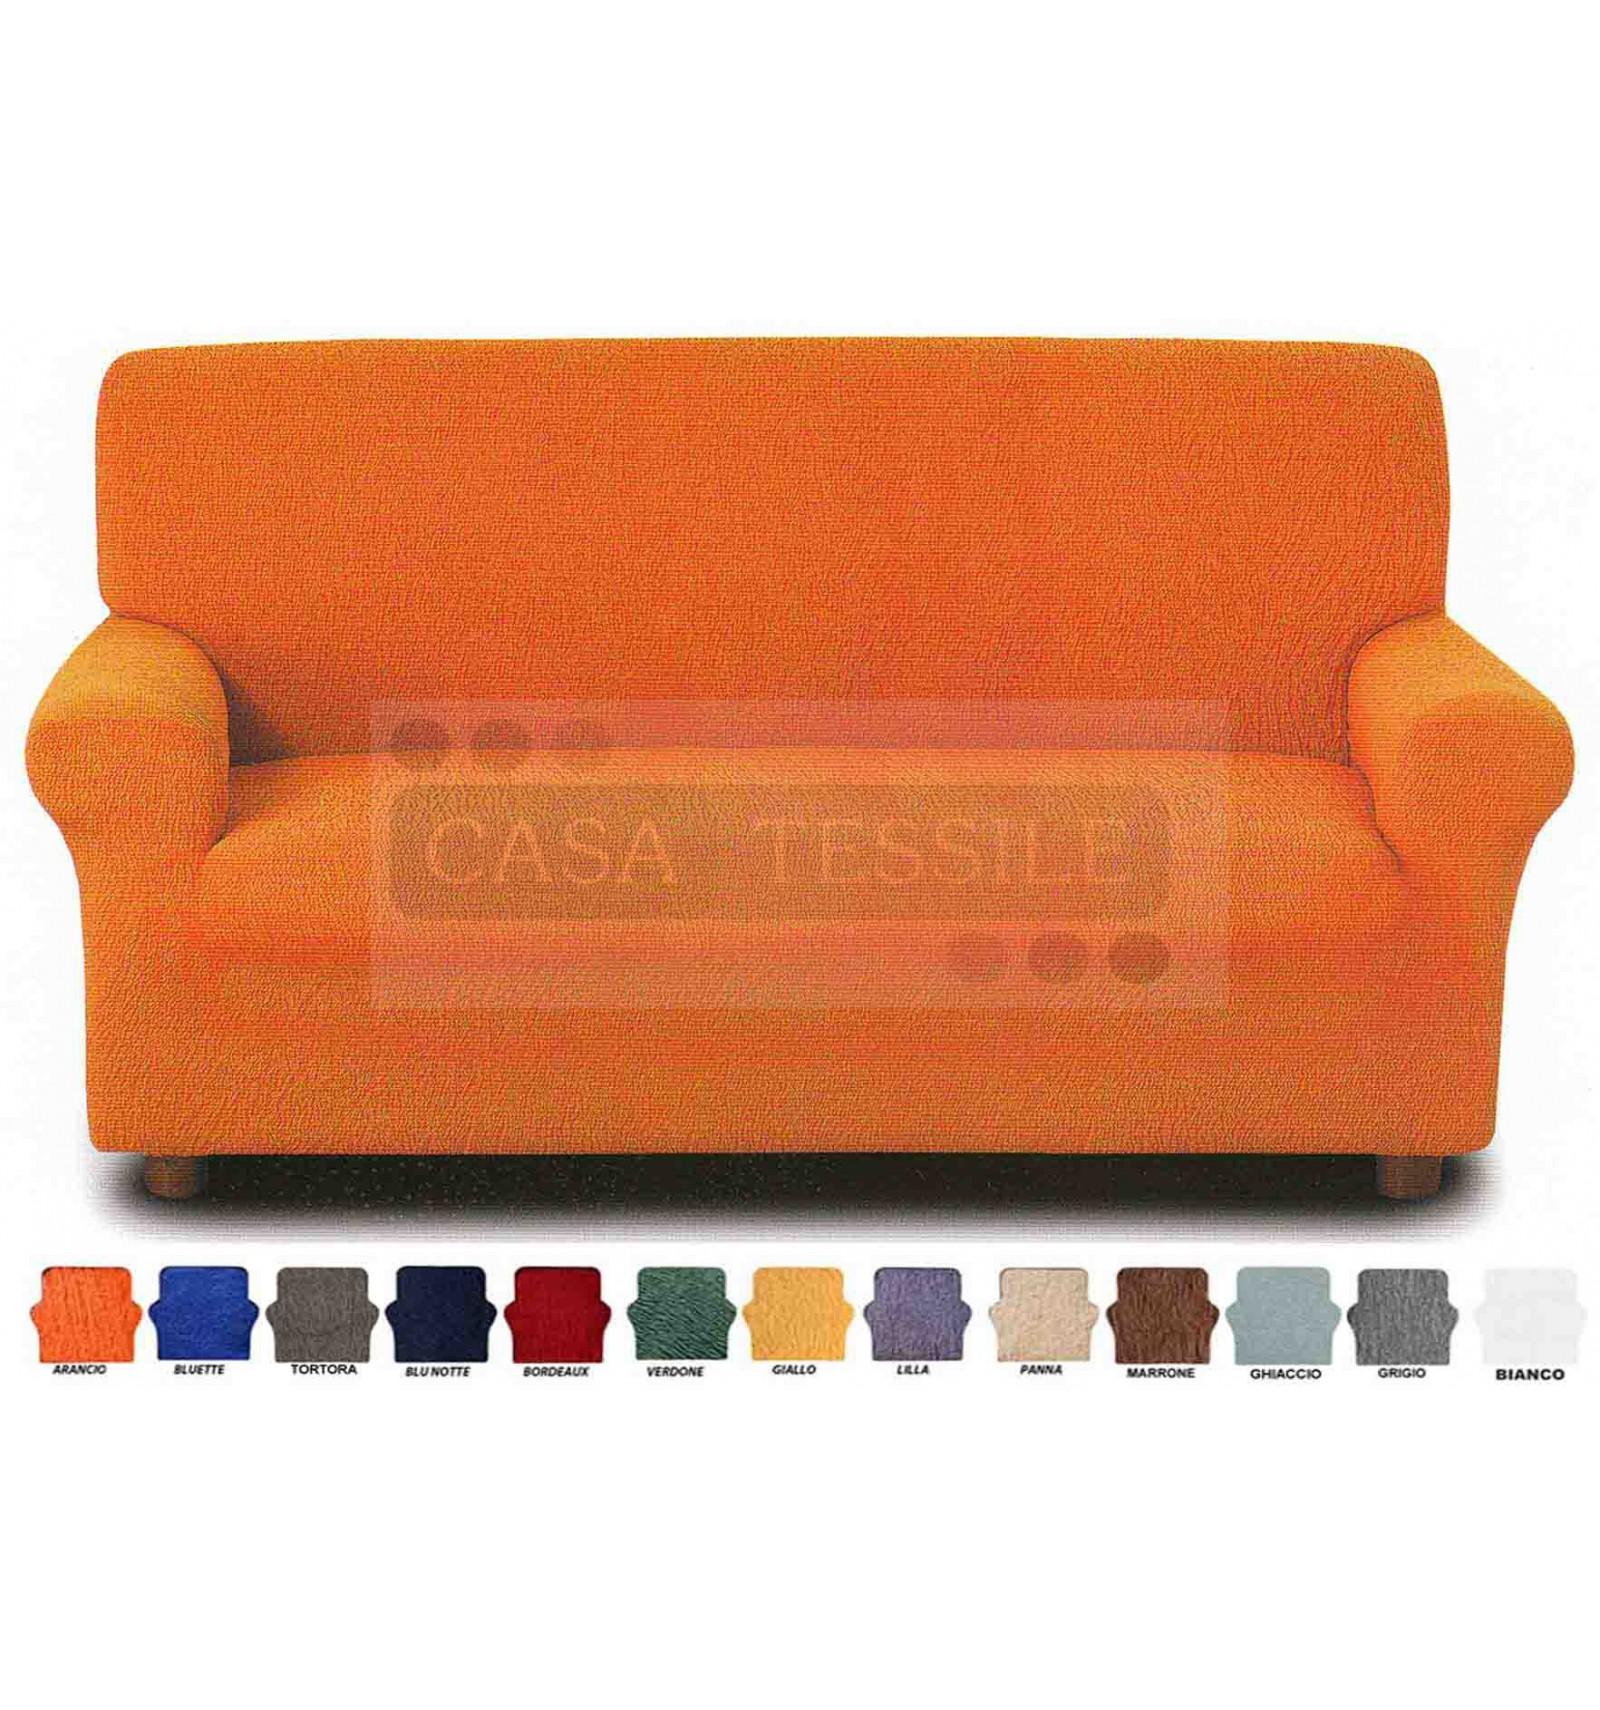 Copriliscio copri divano elasticizzato 2 posti casa tessile - Copridivano 2 posti senza braccioli ...